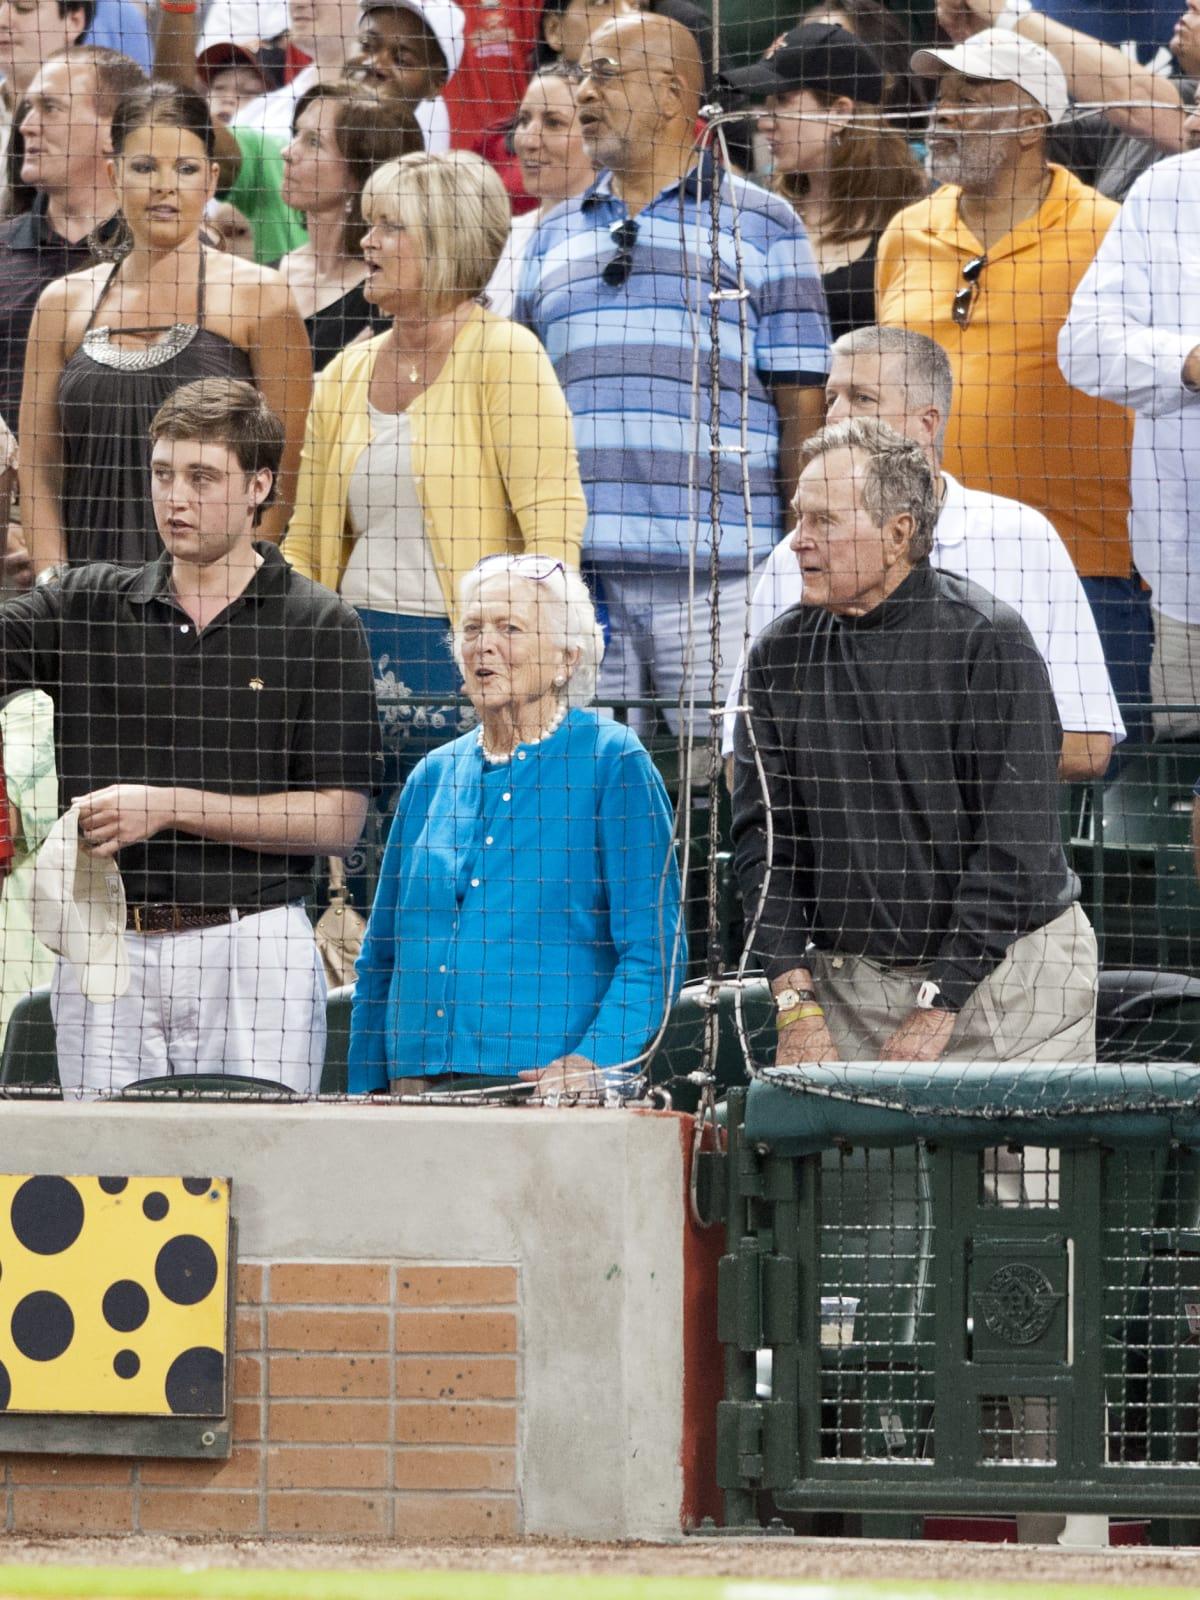 George Bush Astros